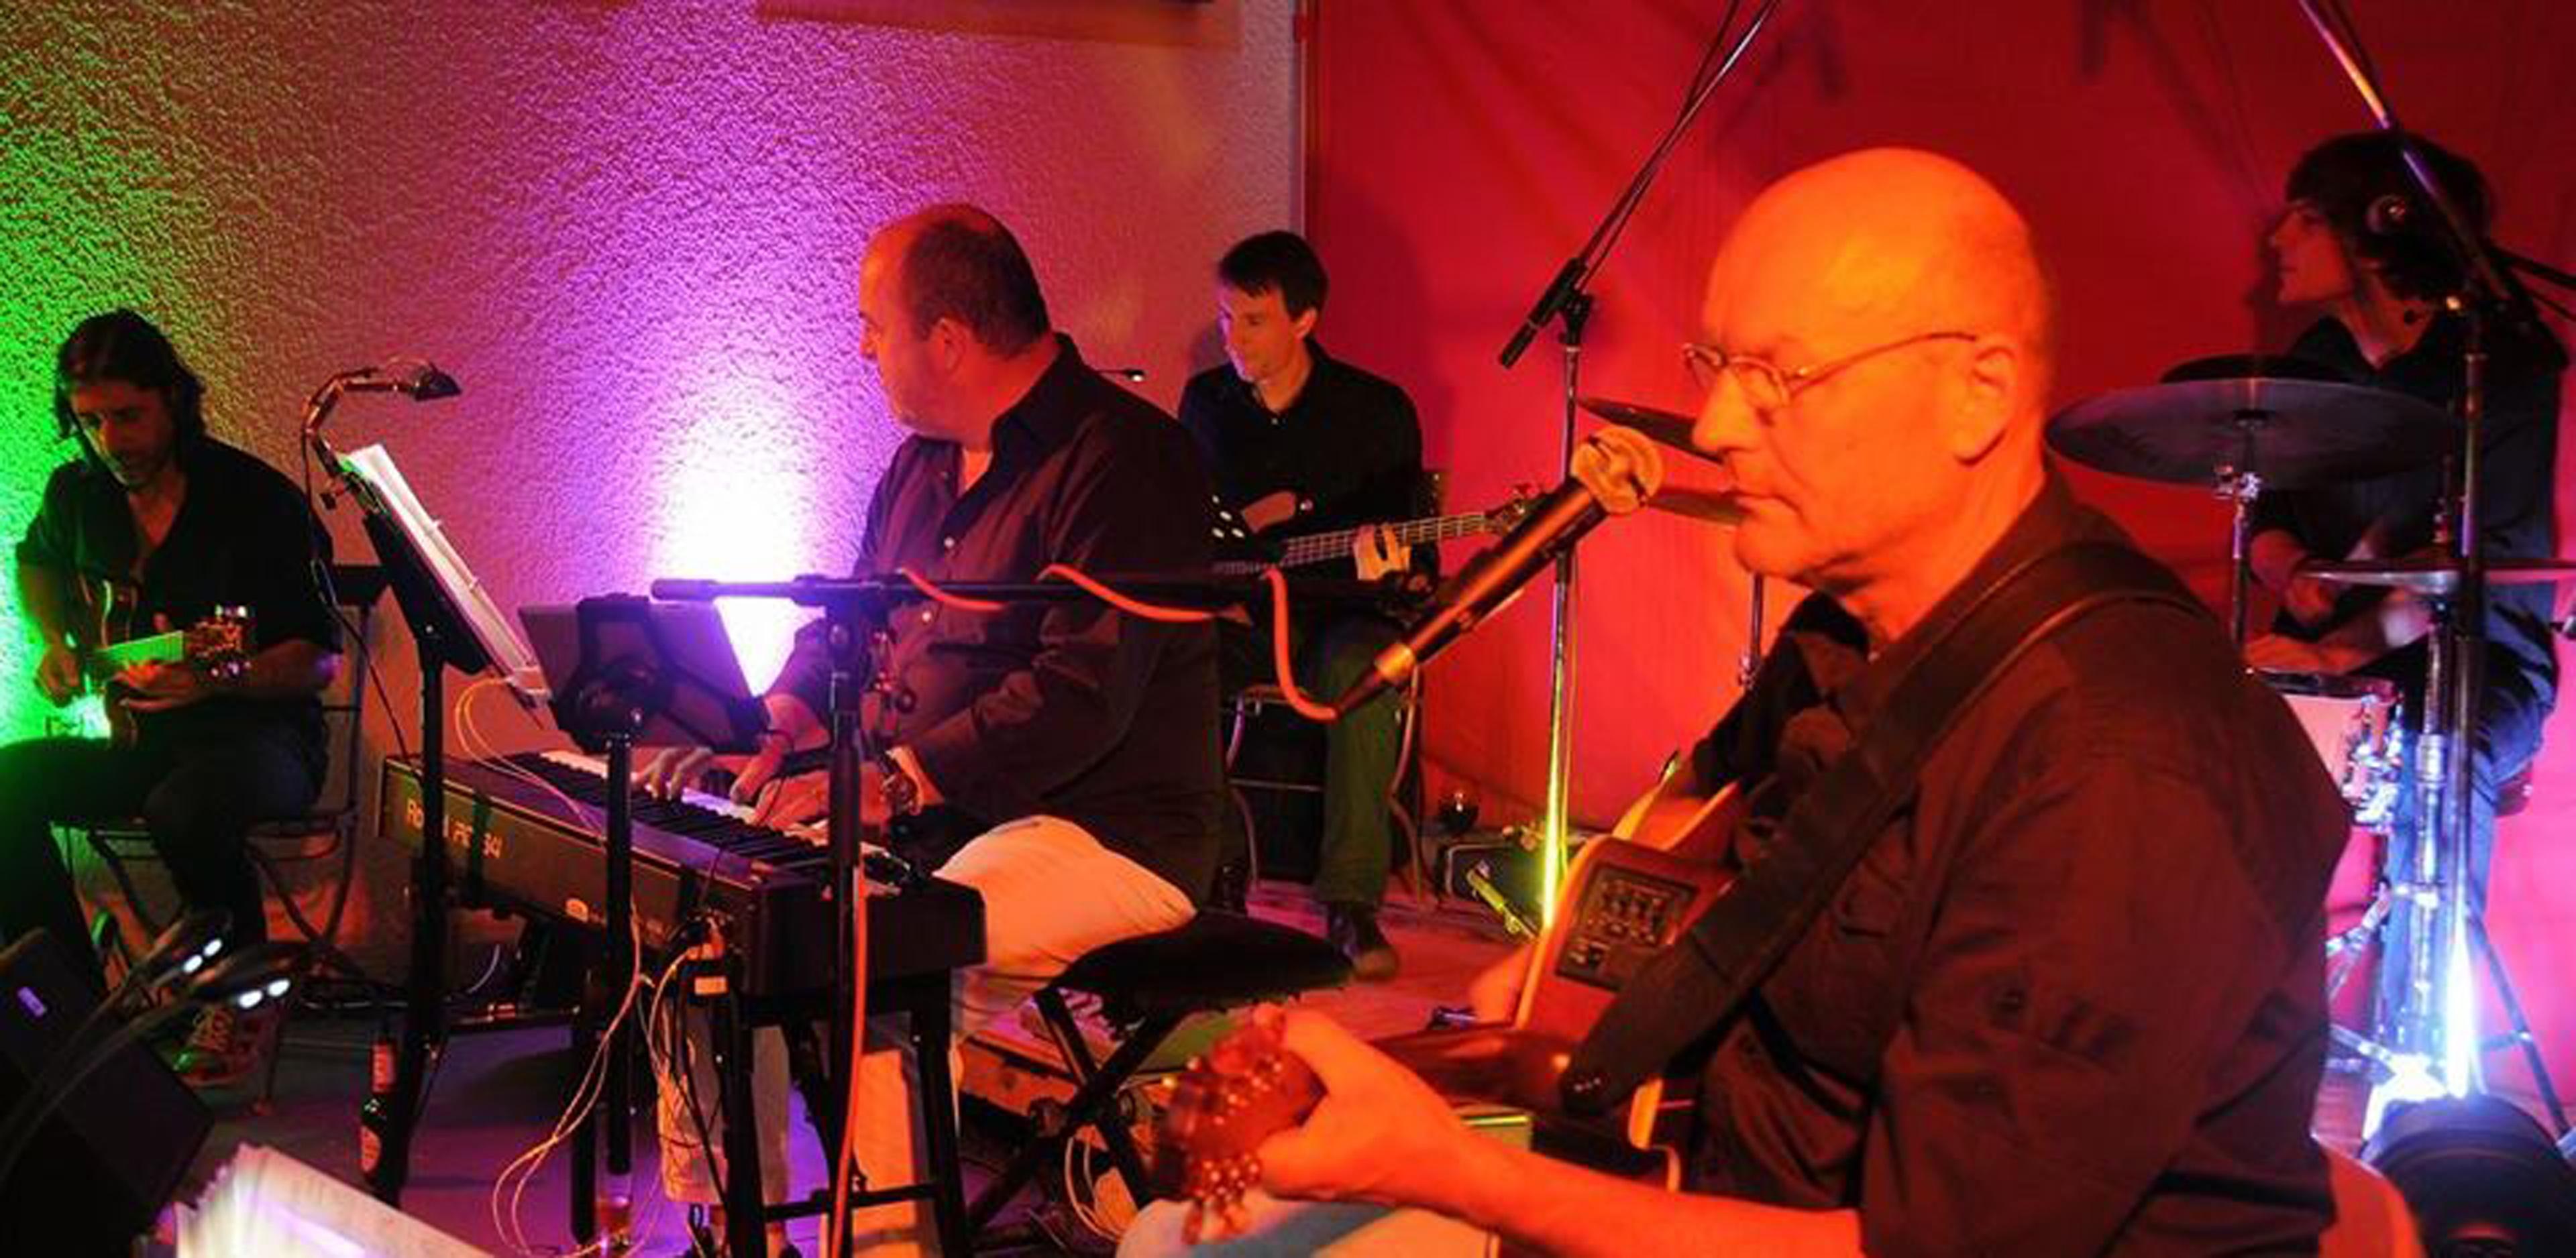 """Am Samstag, 16. Oktober ab 20 Uhr spielt die Band Just One More """"unplugged"""" in der Alten Seilerei."""